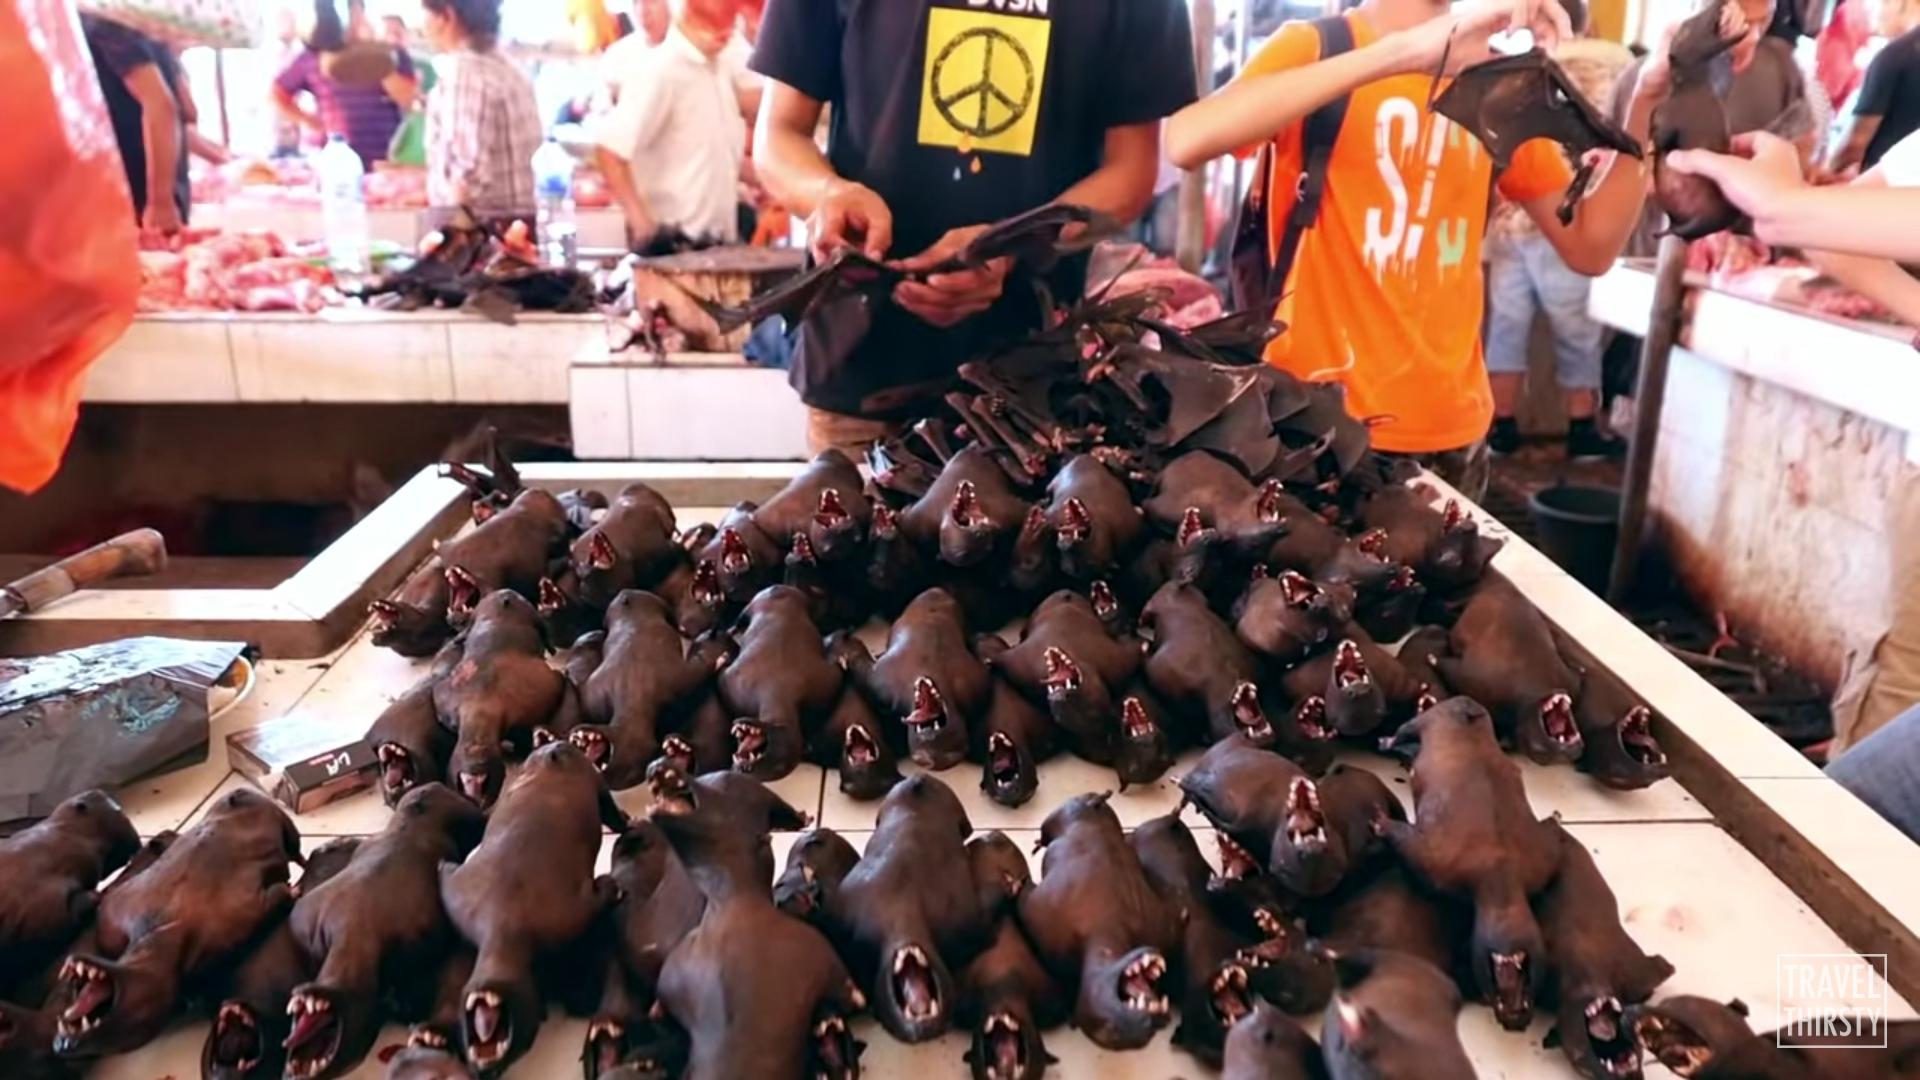 Летучие мыши на рынке в Индонезии. Фото — Travel Thirsty.